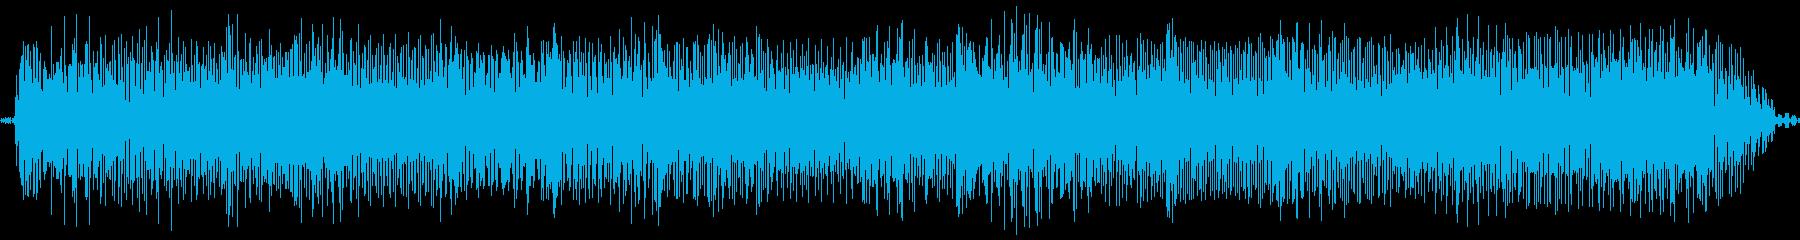 【エレキギター】ヴーミーなファズサウンドの再生済みの波形